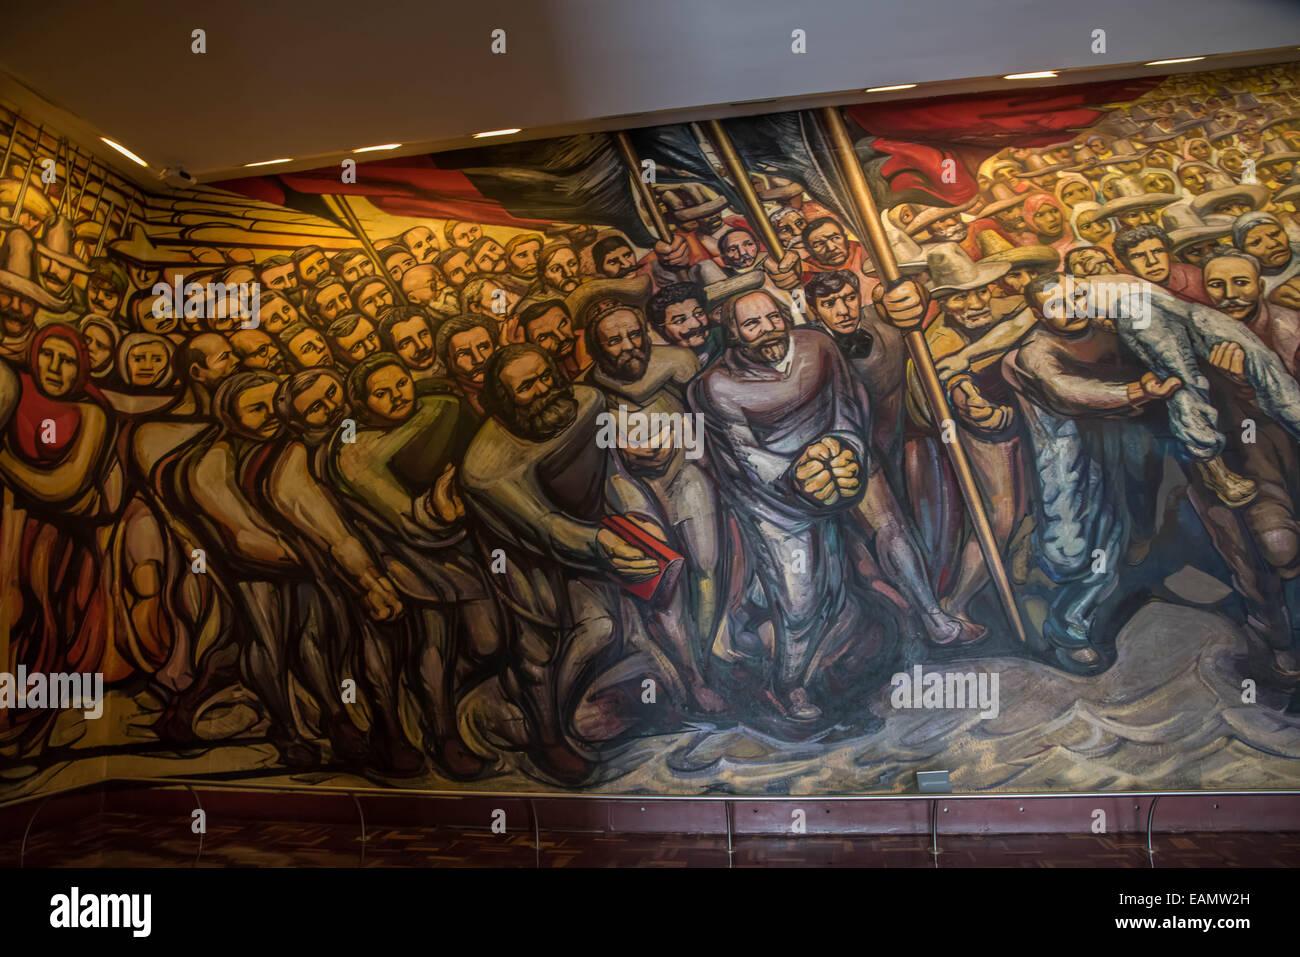 Murales De David Alfaro Siqueiros En Mexico